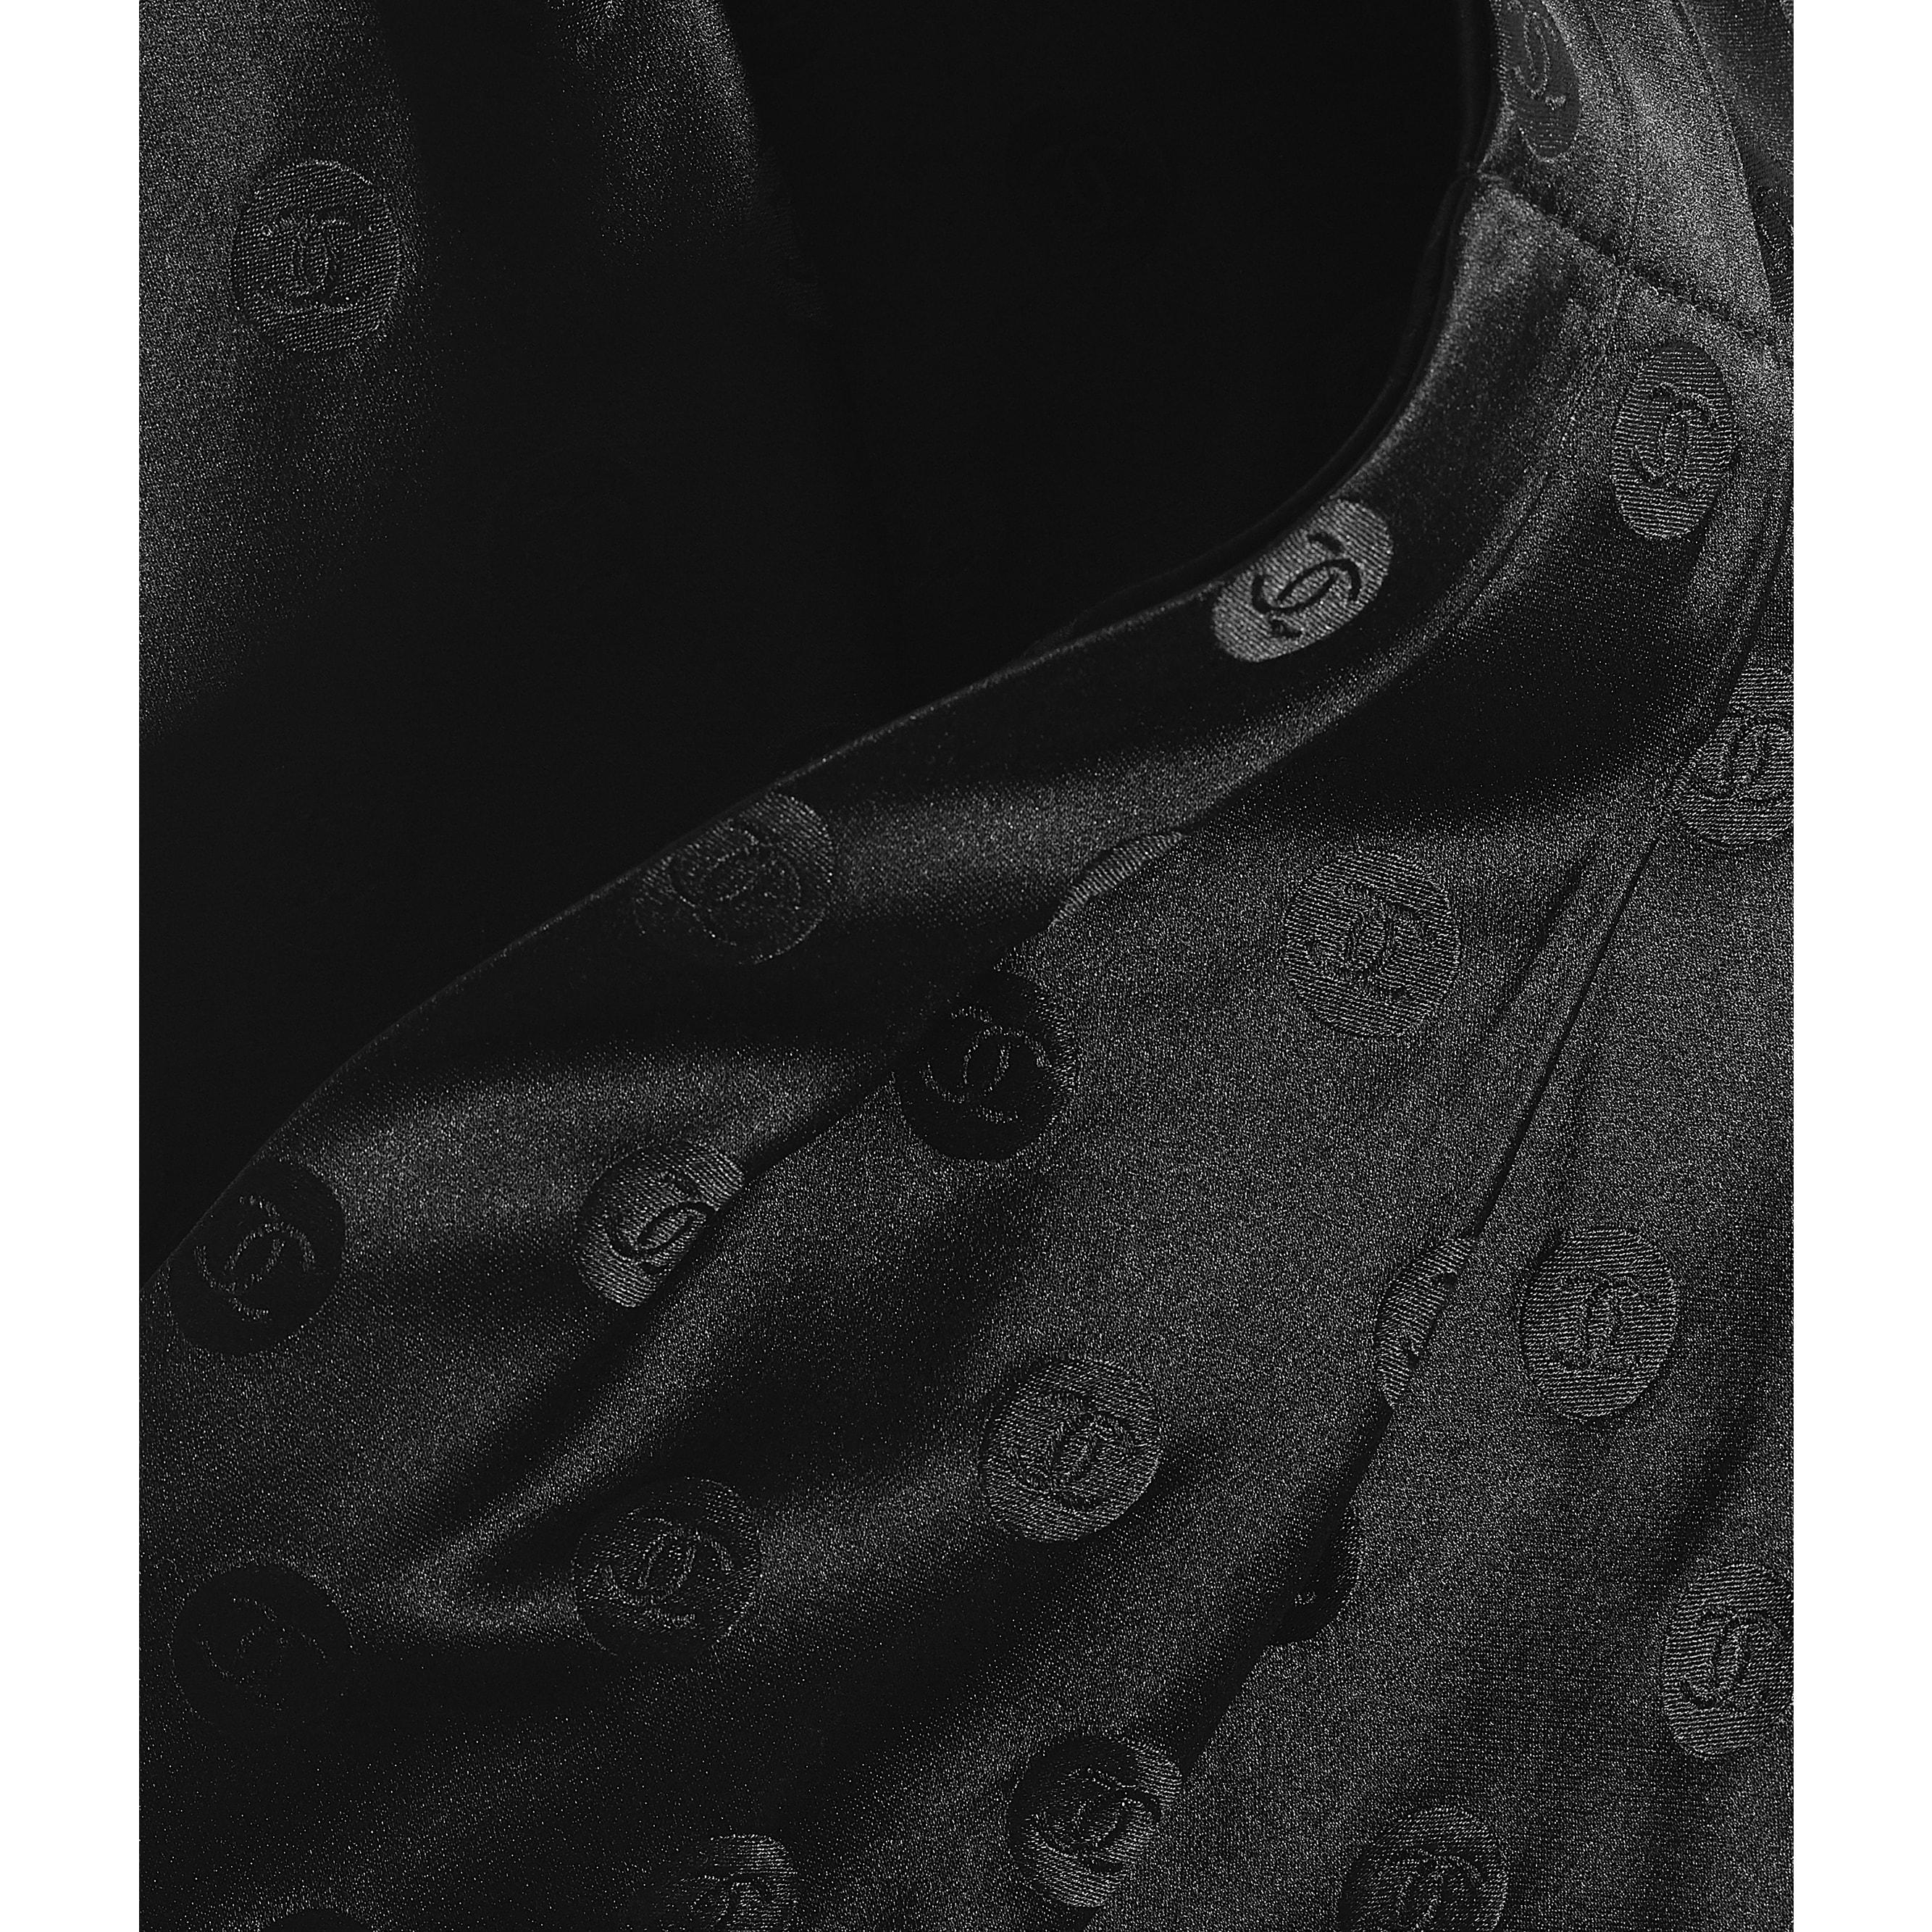 Шарф-лавальер - Черный - Шелковая жаккардовая ткань - CHANEL - Другое изображение - посмотреть изображение стандартного размера